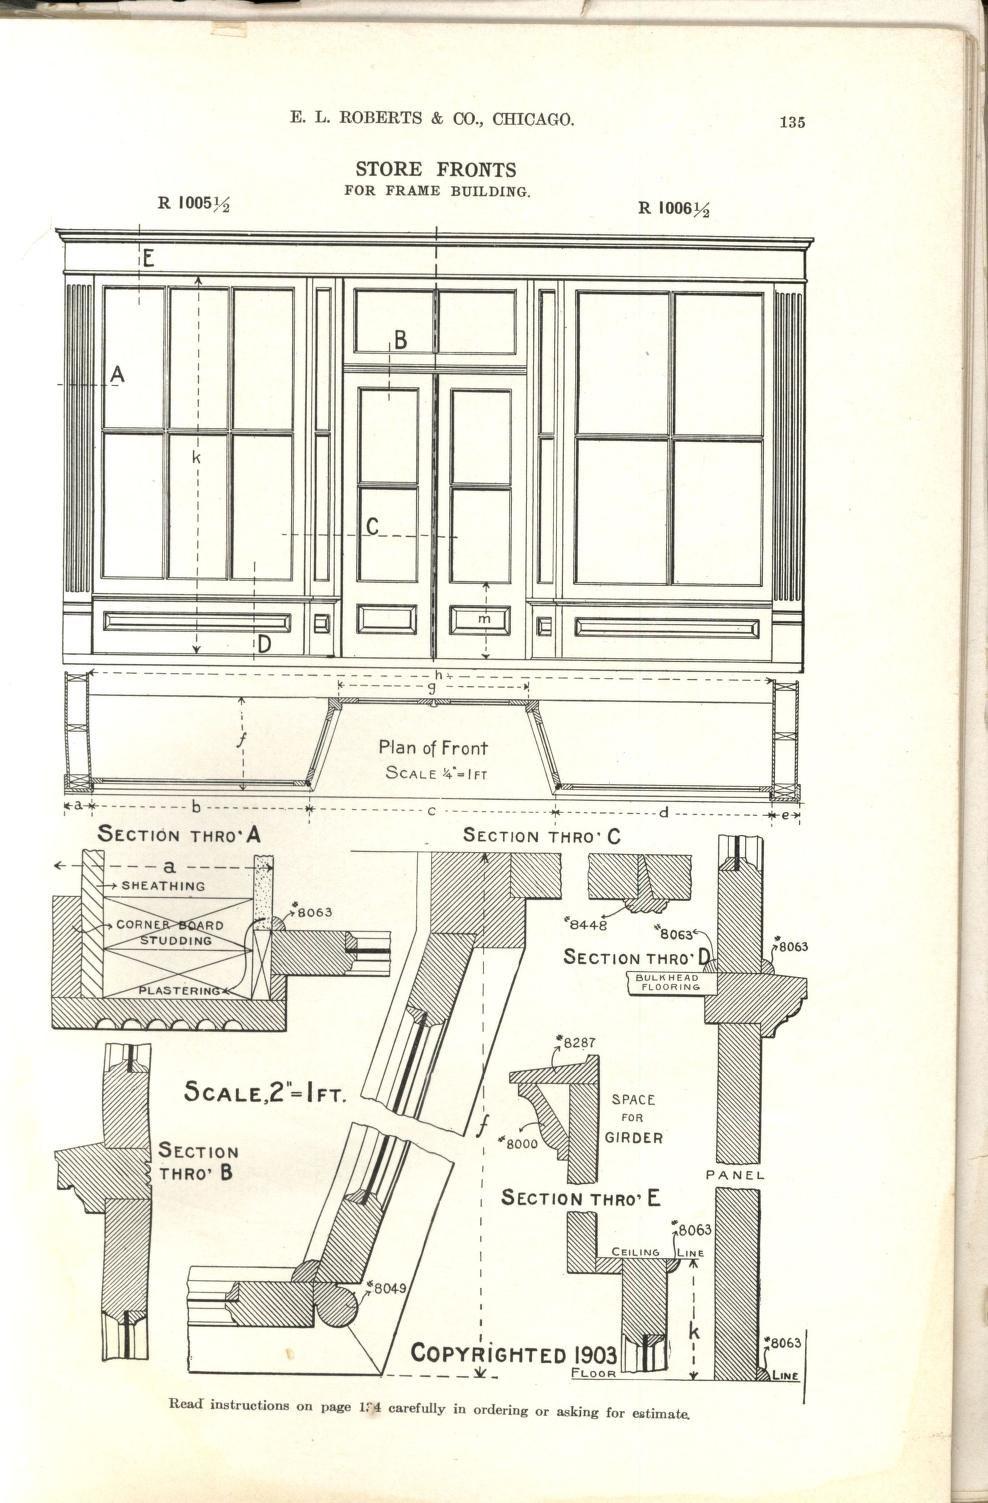 General catalogue of E.L. Roberts & Co., wholes